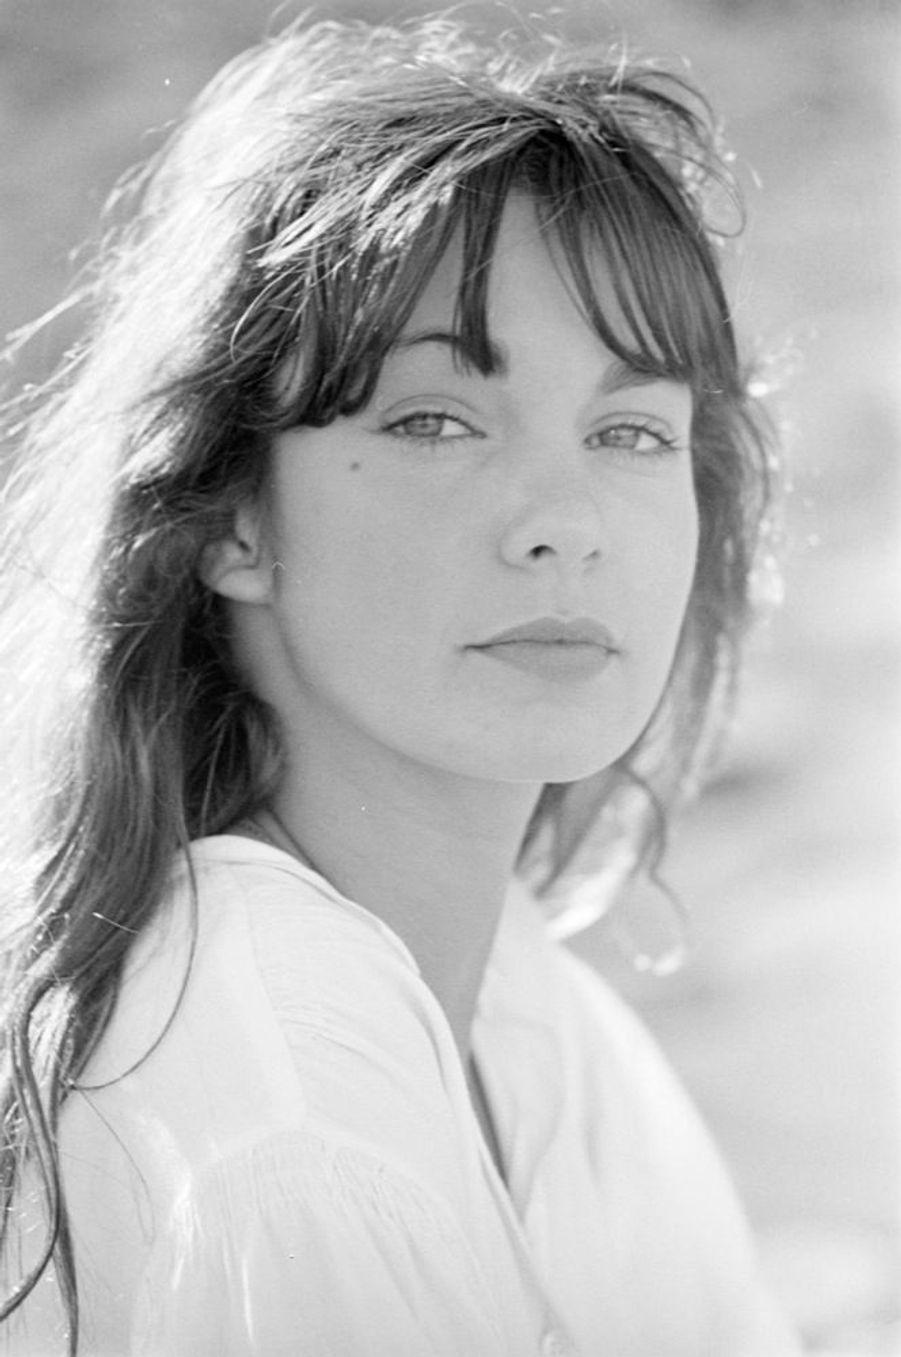 """Anne Parillaud sur le tournage du film """"L'hôtel de la plage"""" de Michel Lang, à Locquirec dans le Finistère, en avril 1977."""